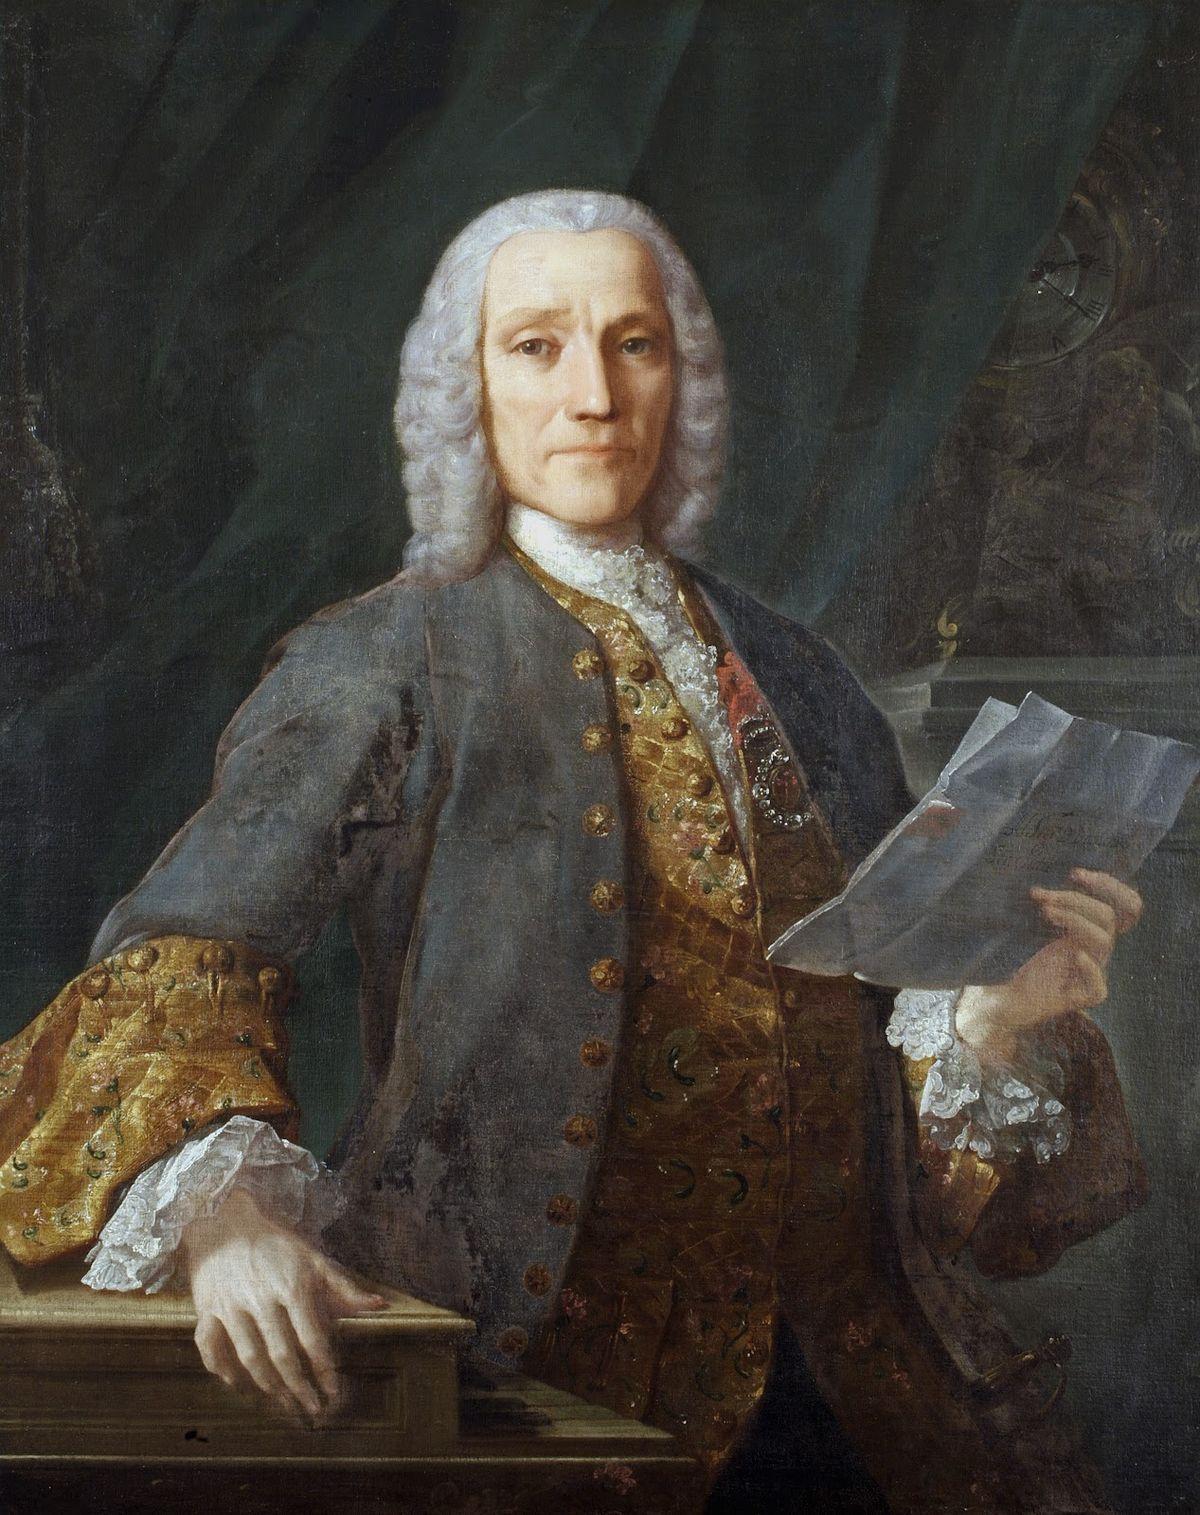 Domenico Scarlatti (1685-1757): Lettere amorose – Cantatas, Sonatas & Operatic Duets